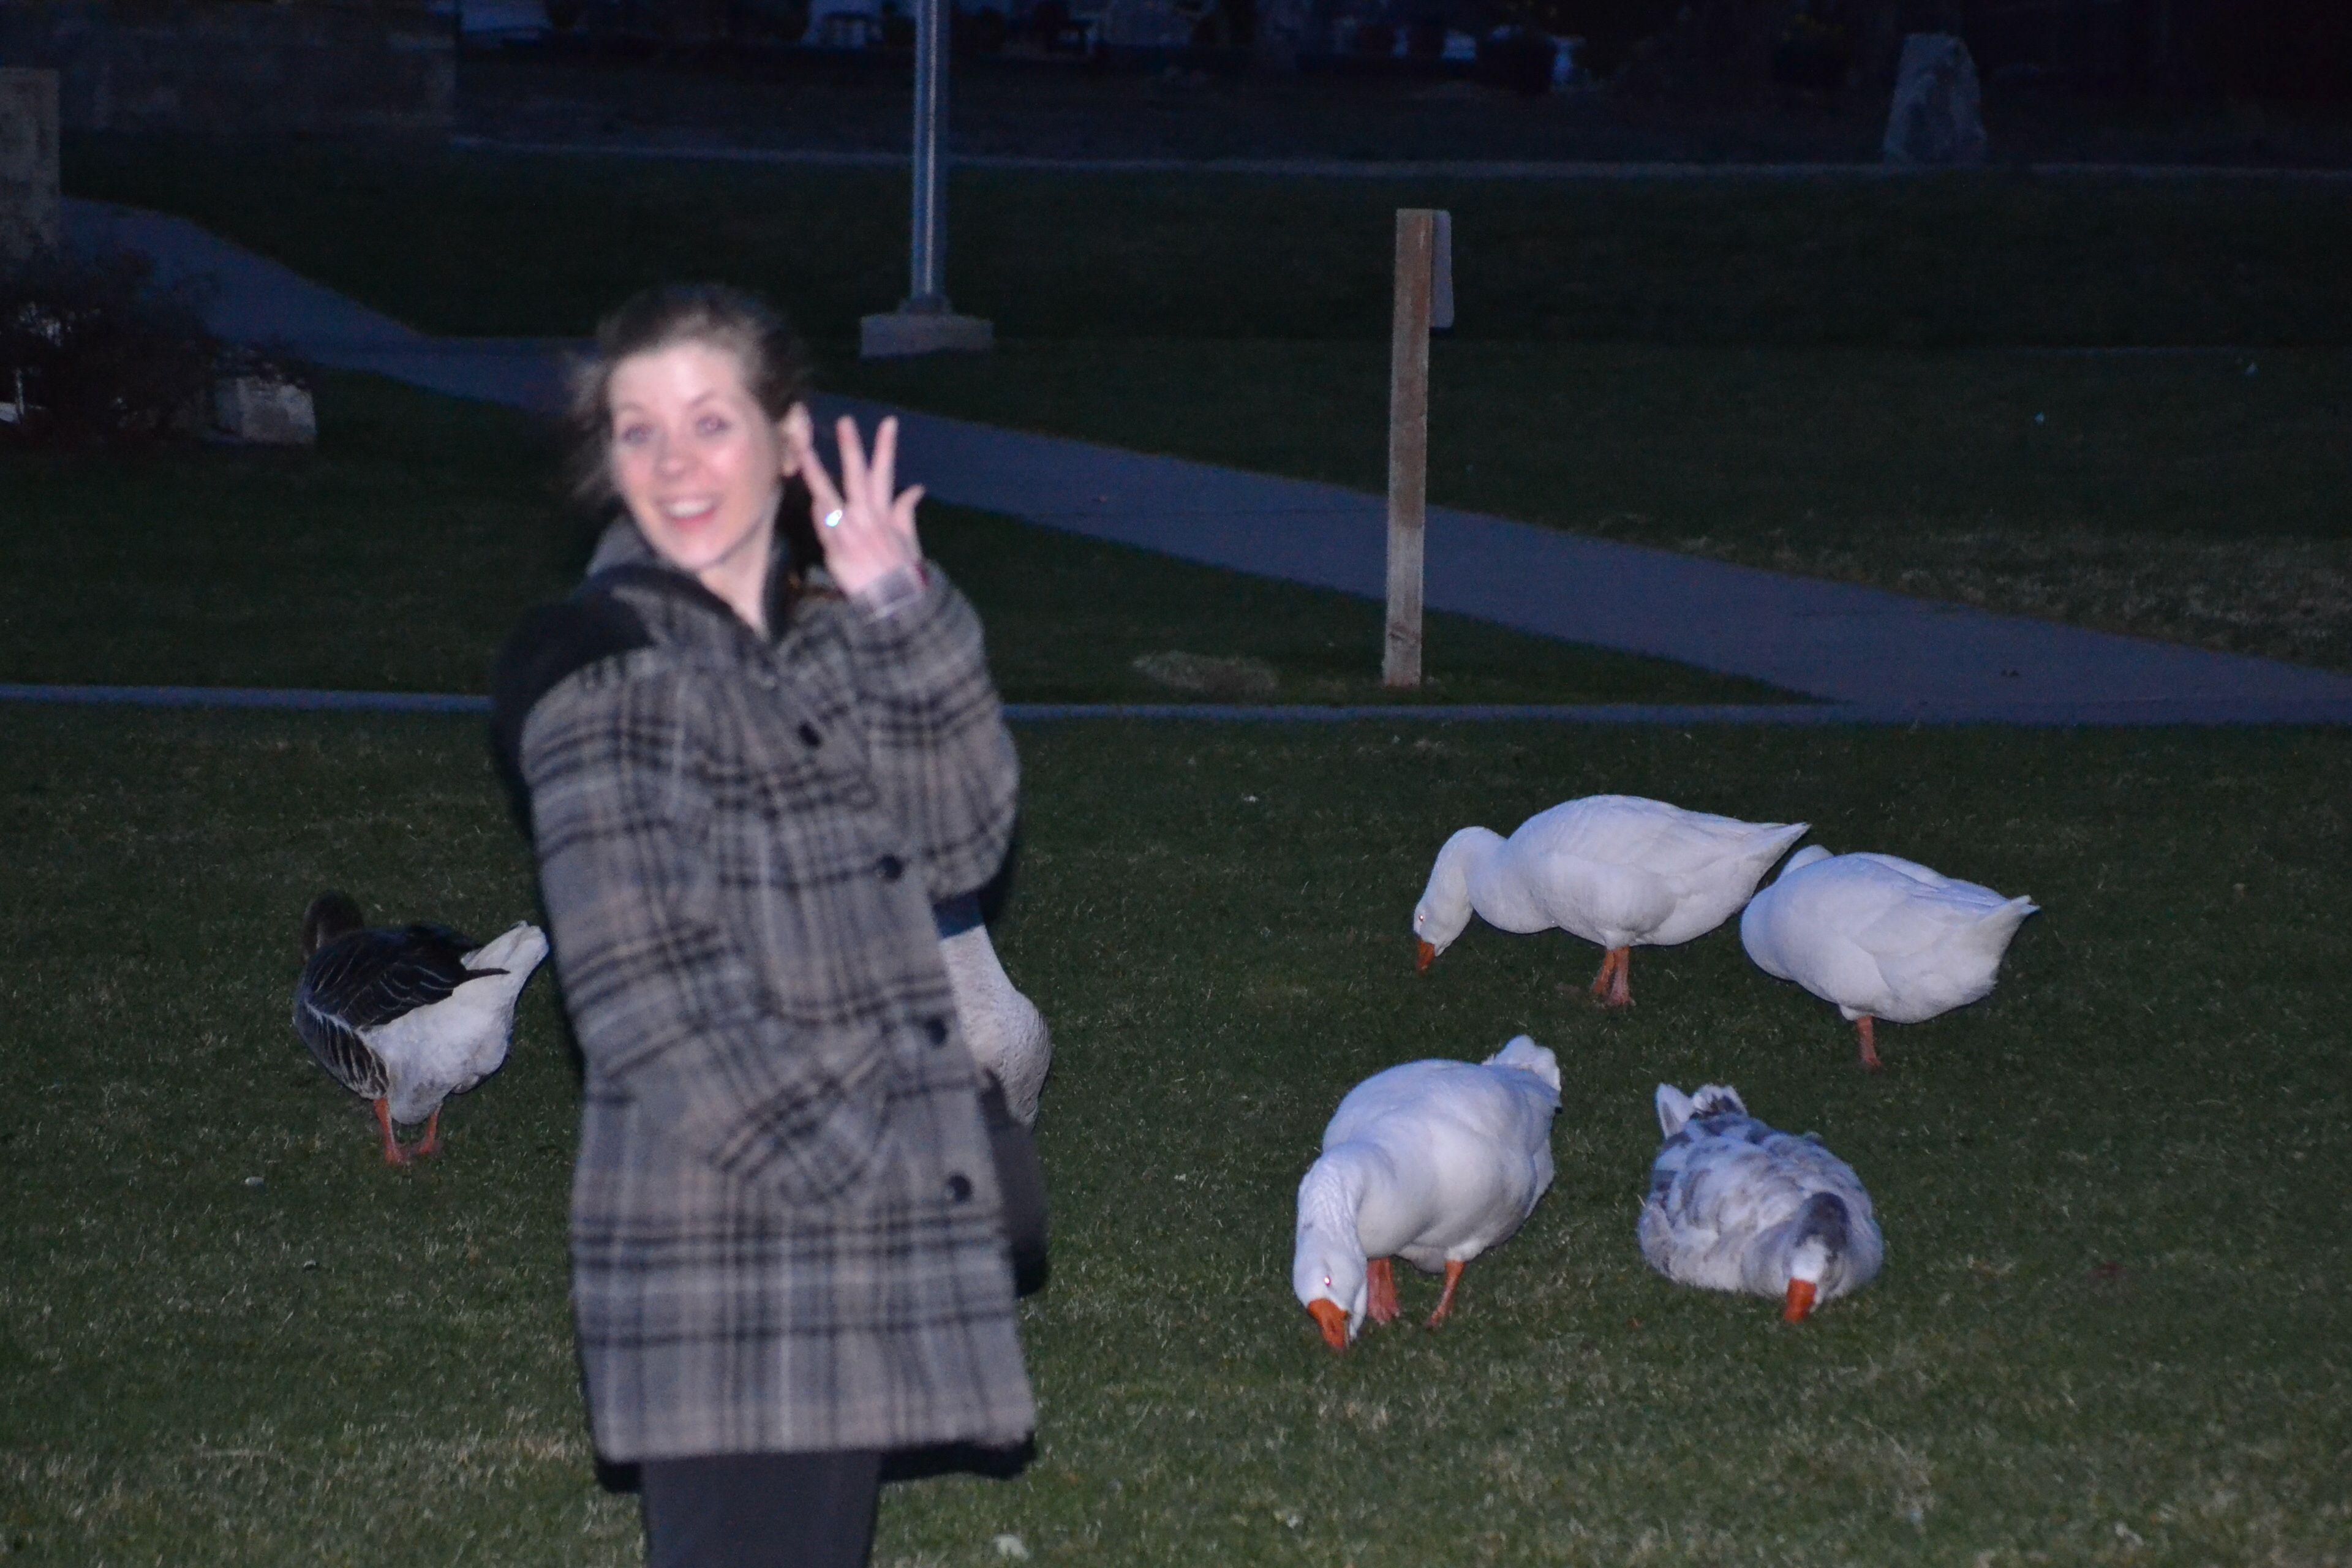 Meghan w/ geese